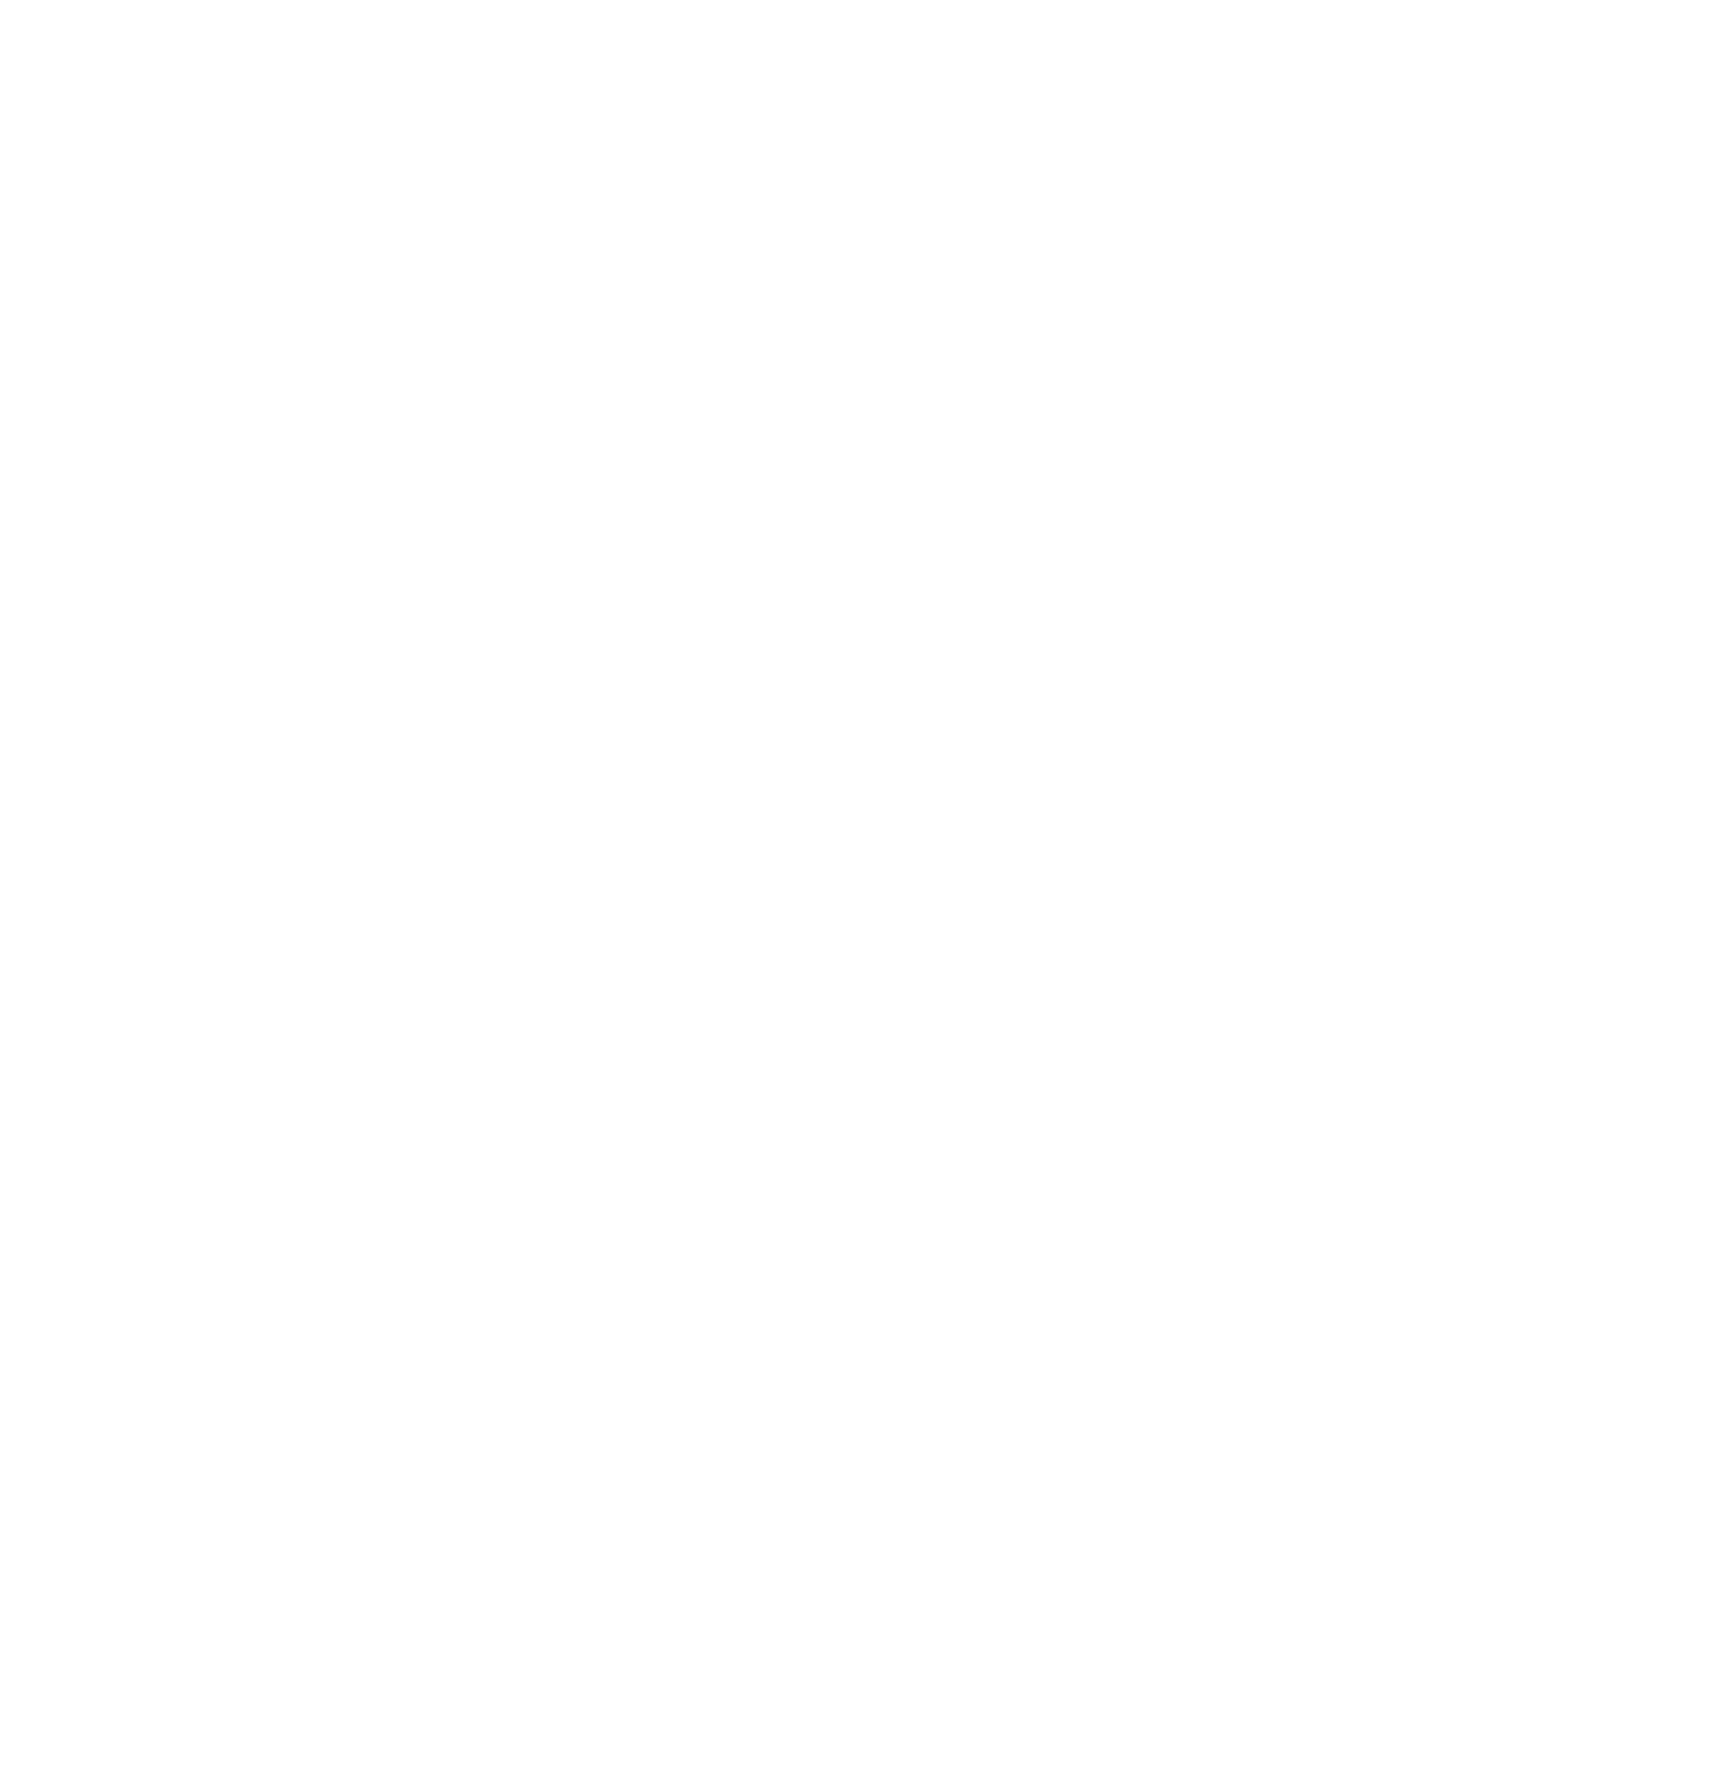 PR & Law